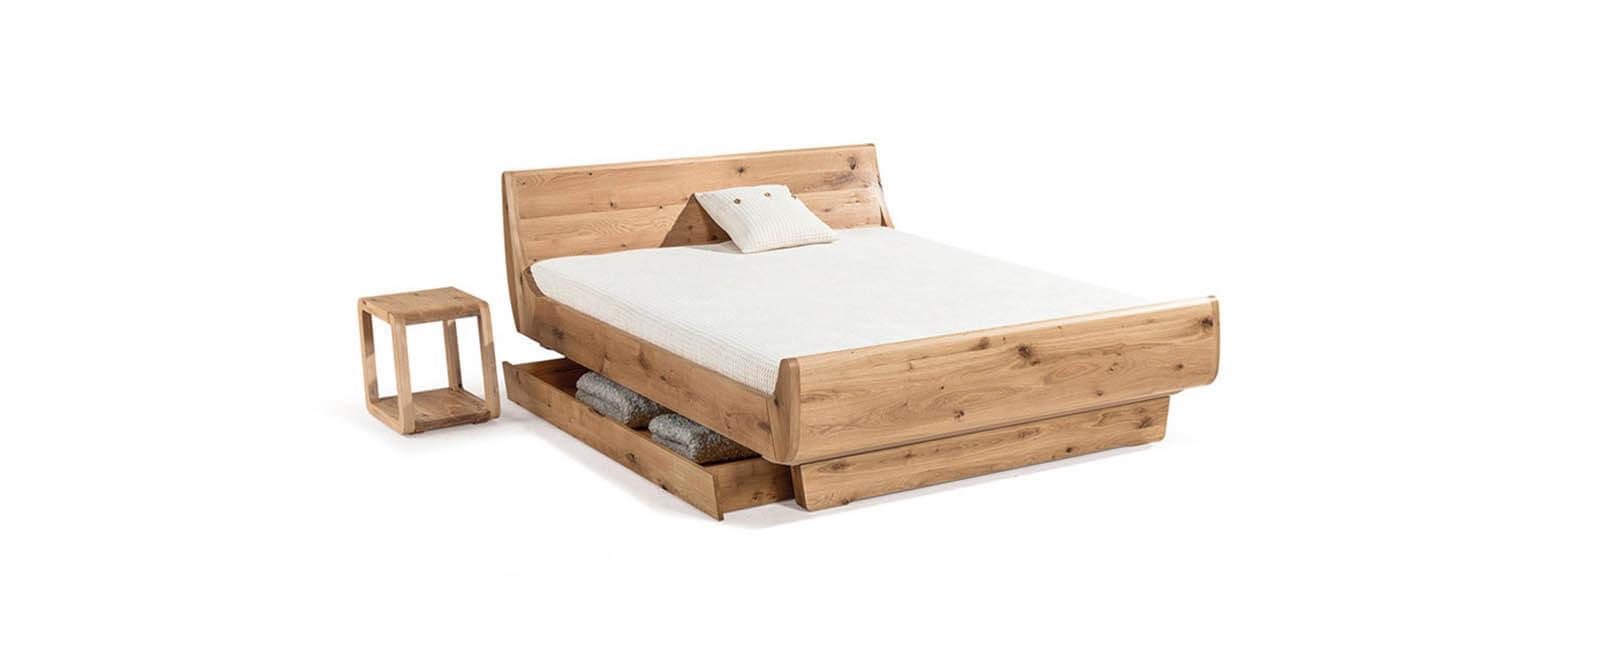 Betten online kaufen und bestellen » Finanzierung | Alles ...